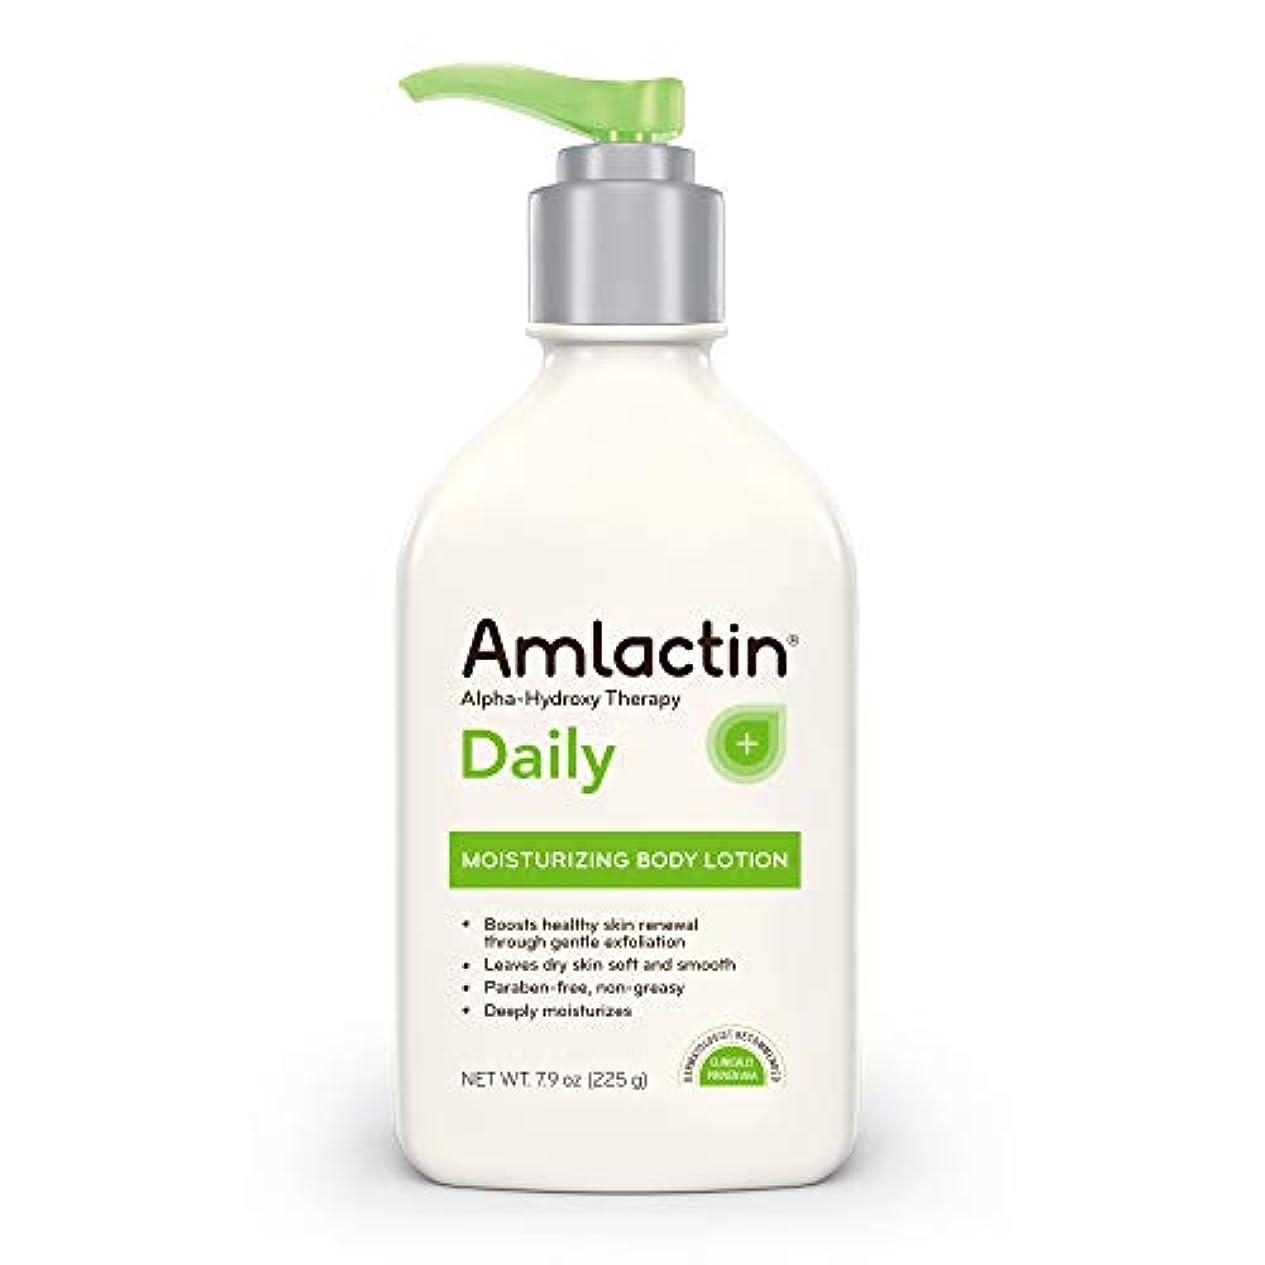 修復埋める学生AmLactin デイリーモイスチャライジング ボディローション 瞬時に水分補給 粗さを和らげる 強力なアルファヒドロキシセラピー 優しく体を拡散 粗く滑らか ドライスキン パラベンフリー 7.9オンス